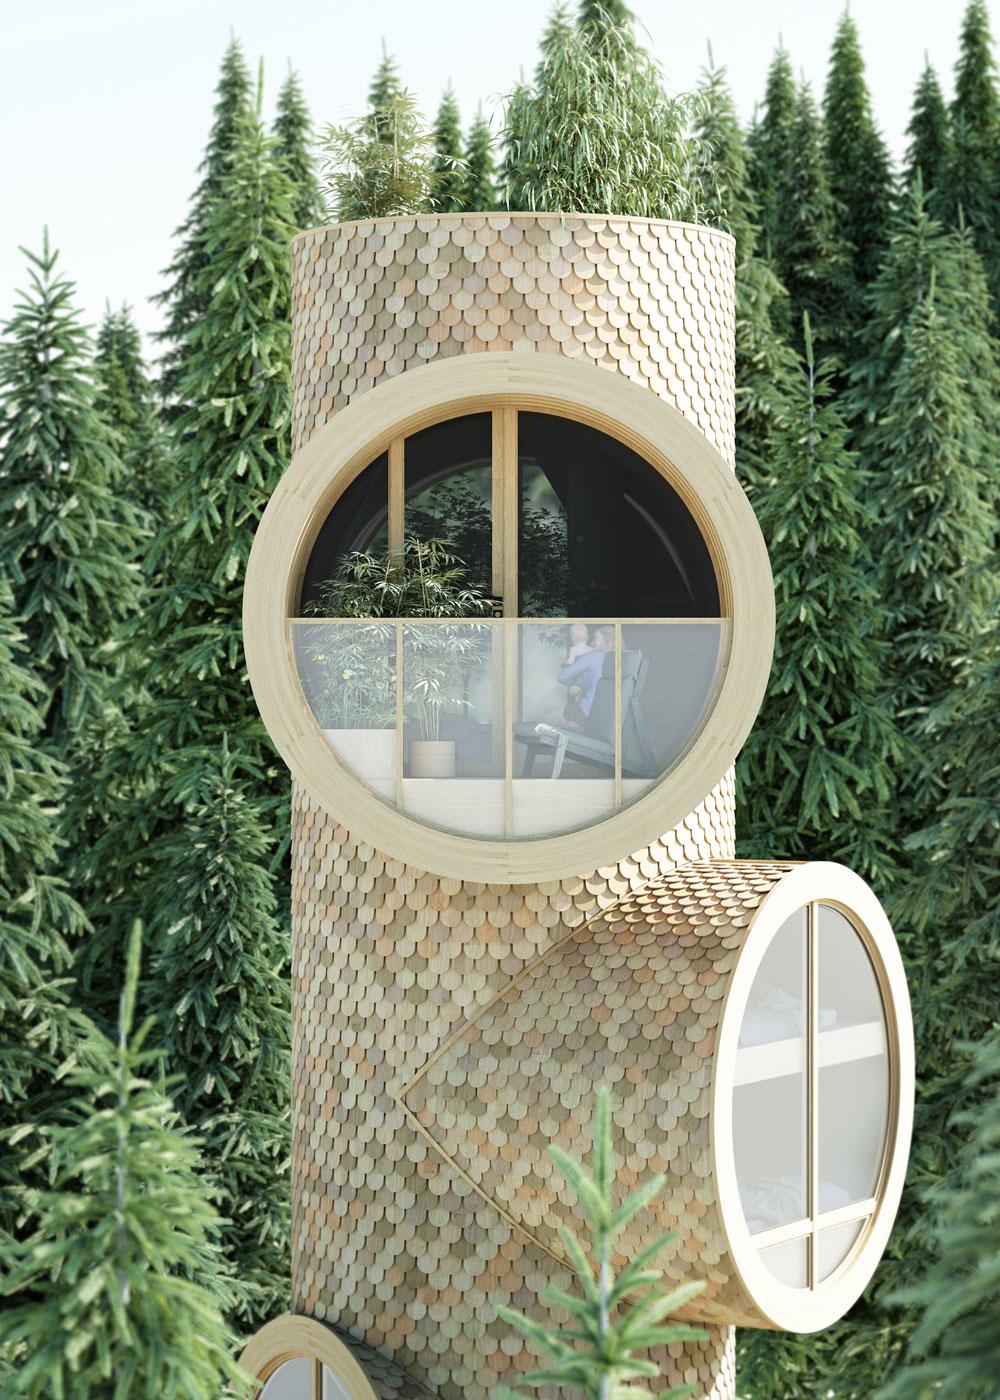 bert-by-precht-concept-modular-treehouse-visual atelier 8-3.jpg